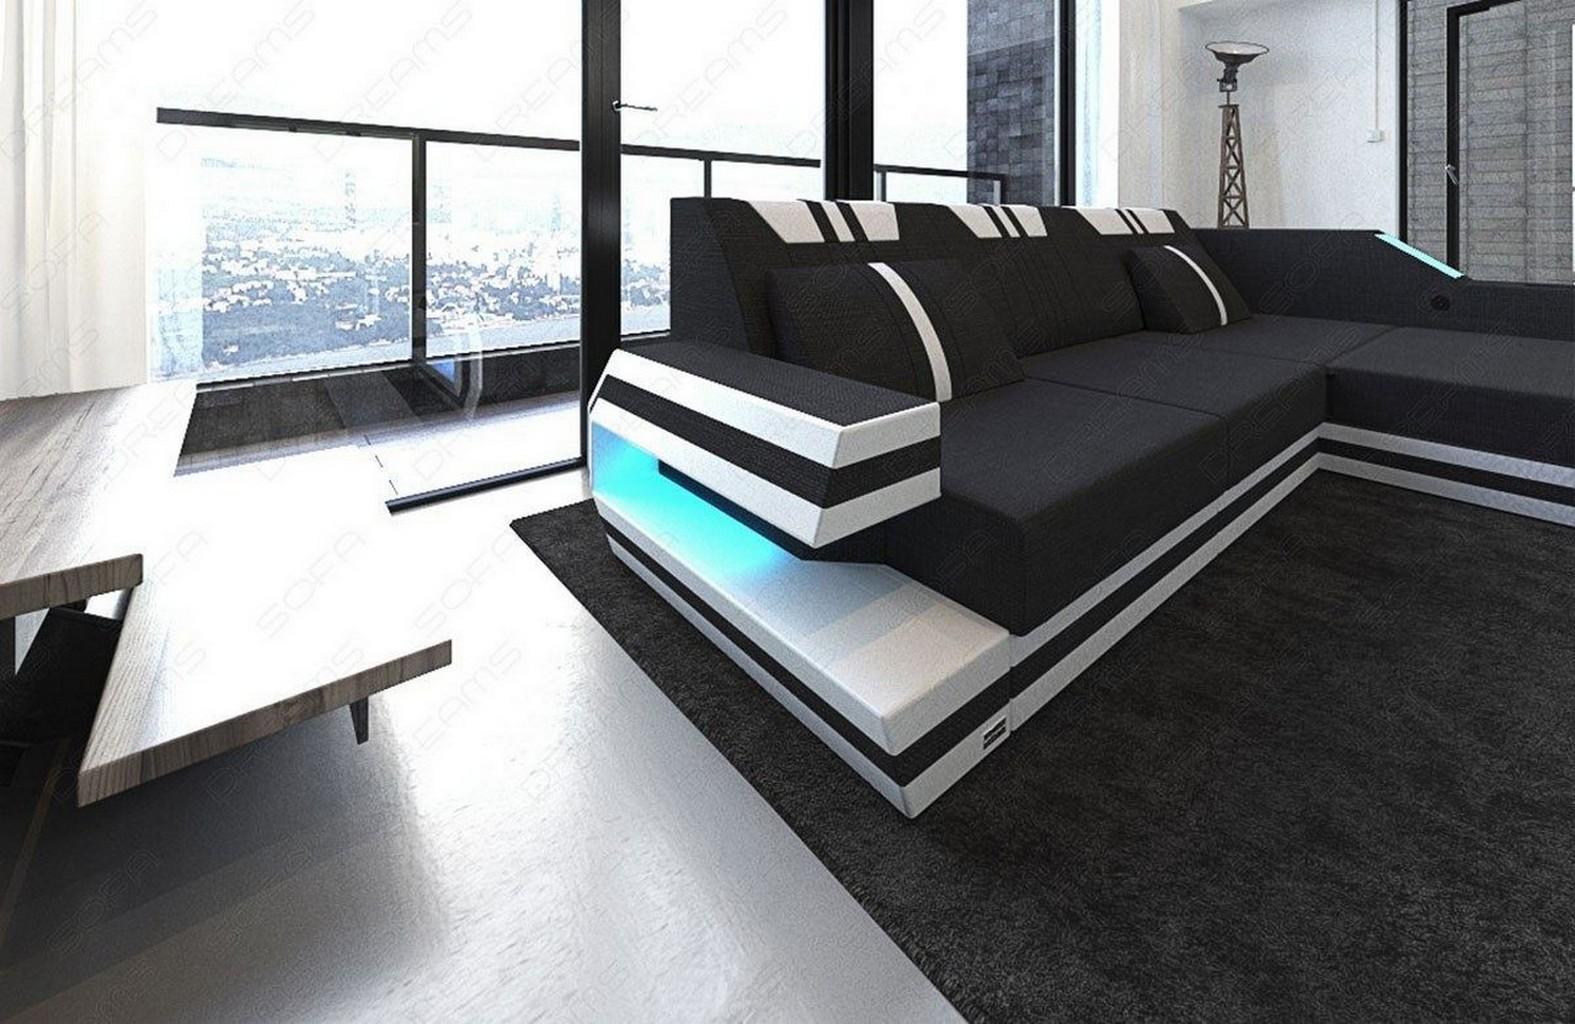 leder stoff mix sofa designersofa ravenna l schwarz couch. Black Bedroom Furniture Sets. Home Design Ideas